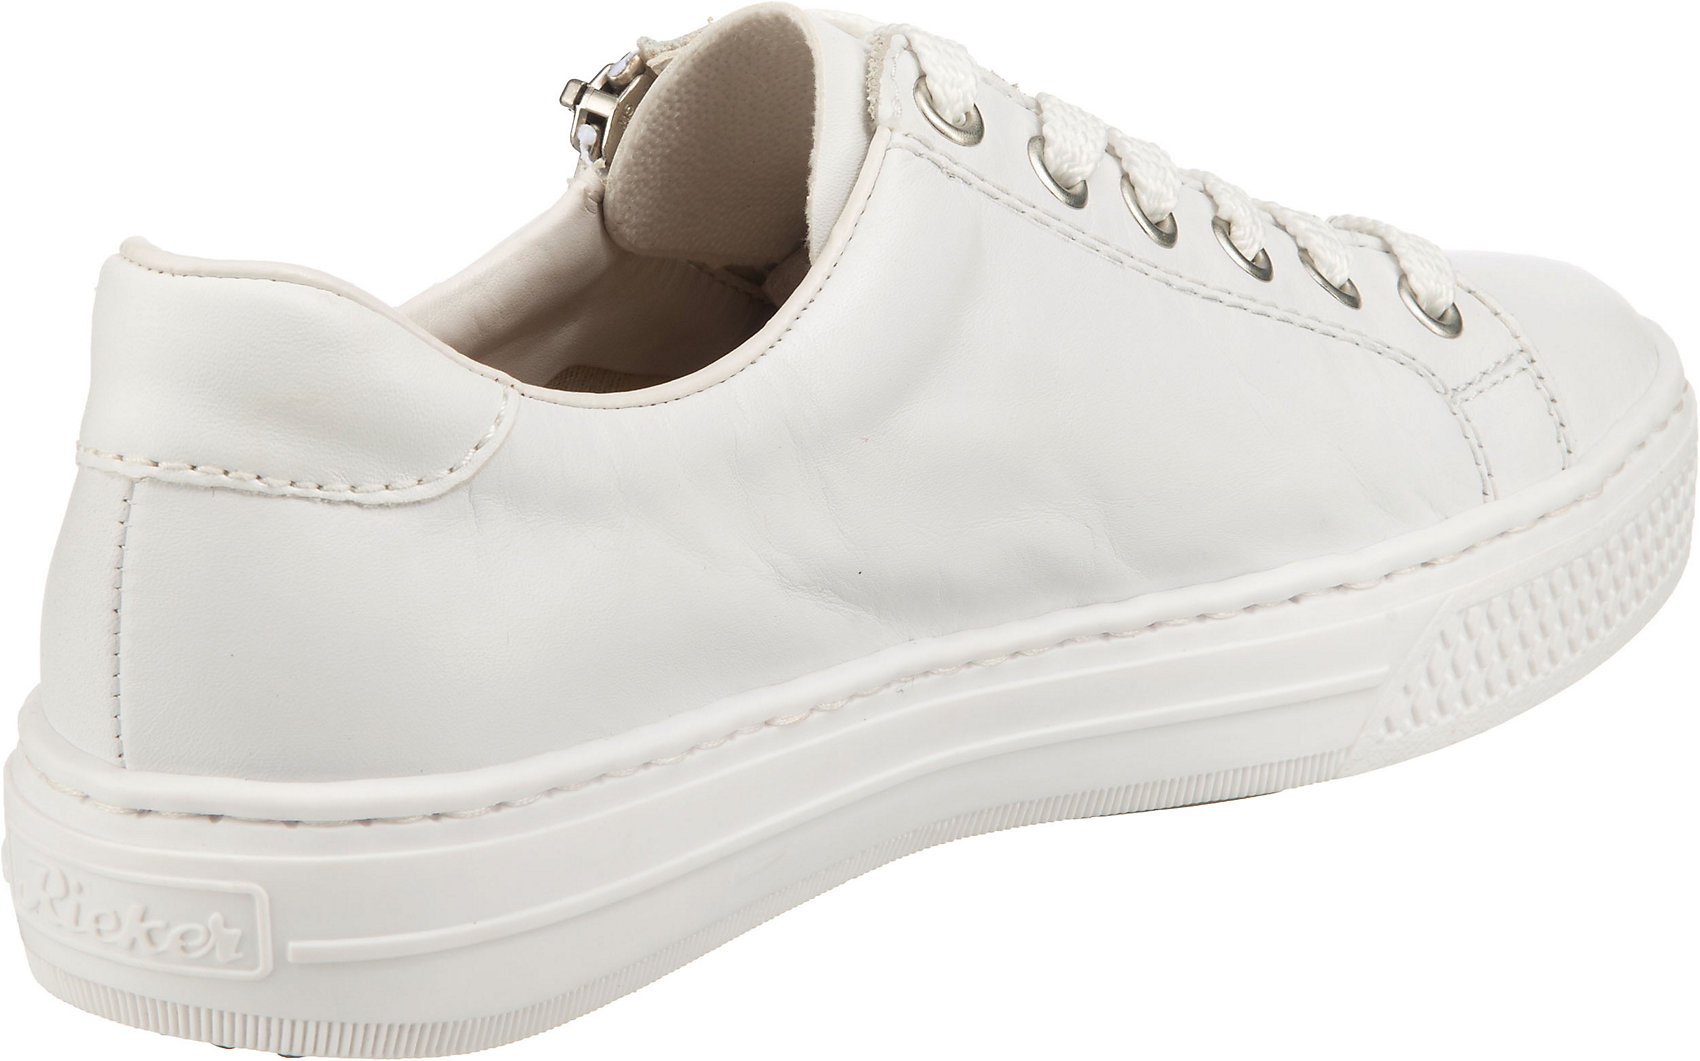 Indexbild 5 - Neu rieker Sneakers Low 17444045 für Damen weiß